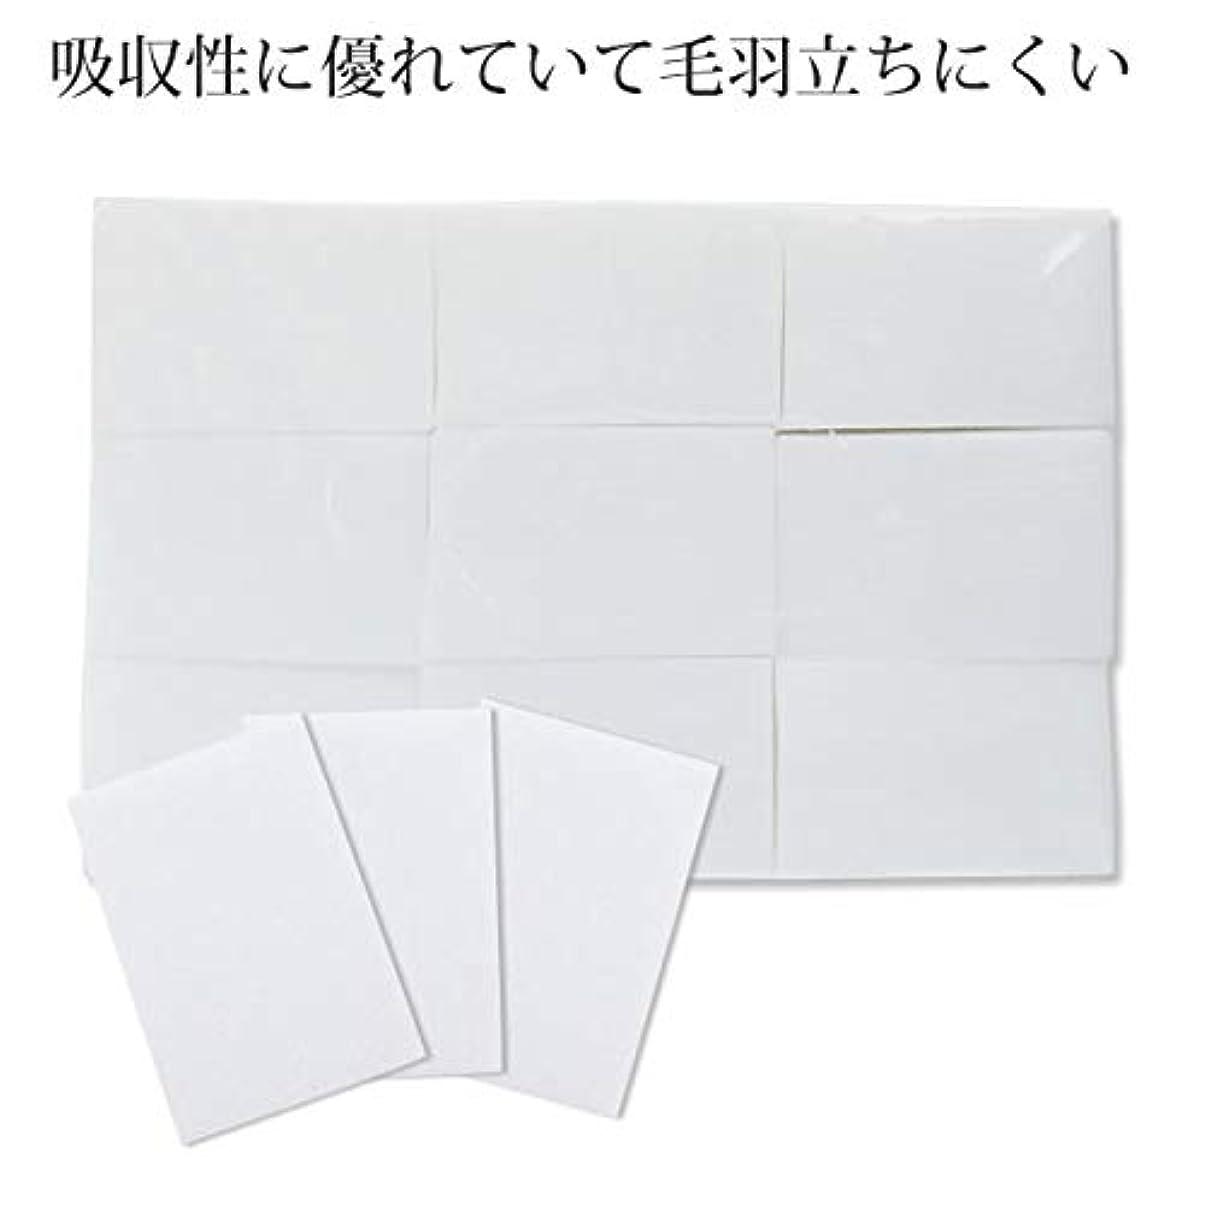 タクト性的ほとんどの場合ネイル 不織布ワイプ 500枚入り